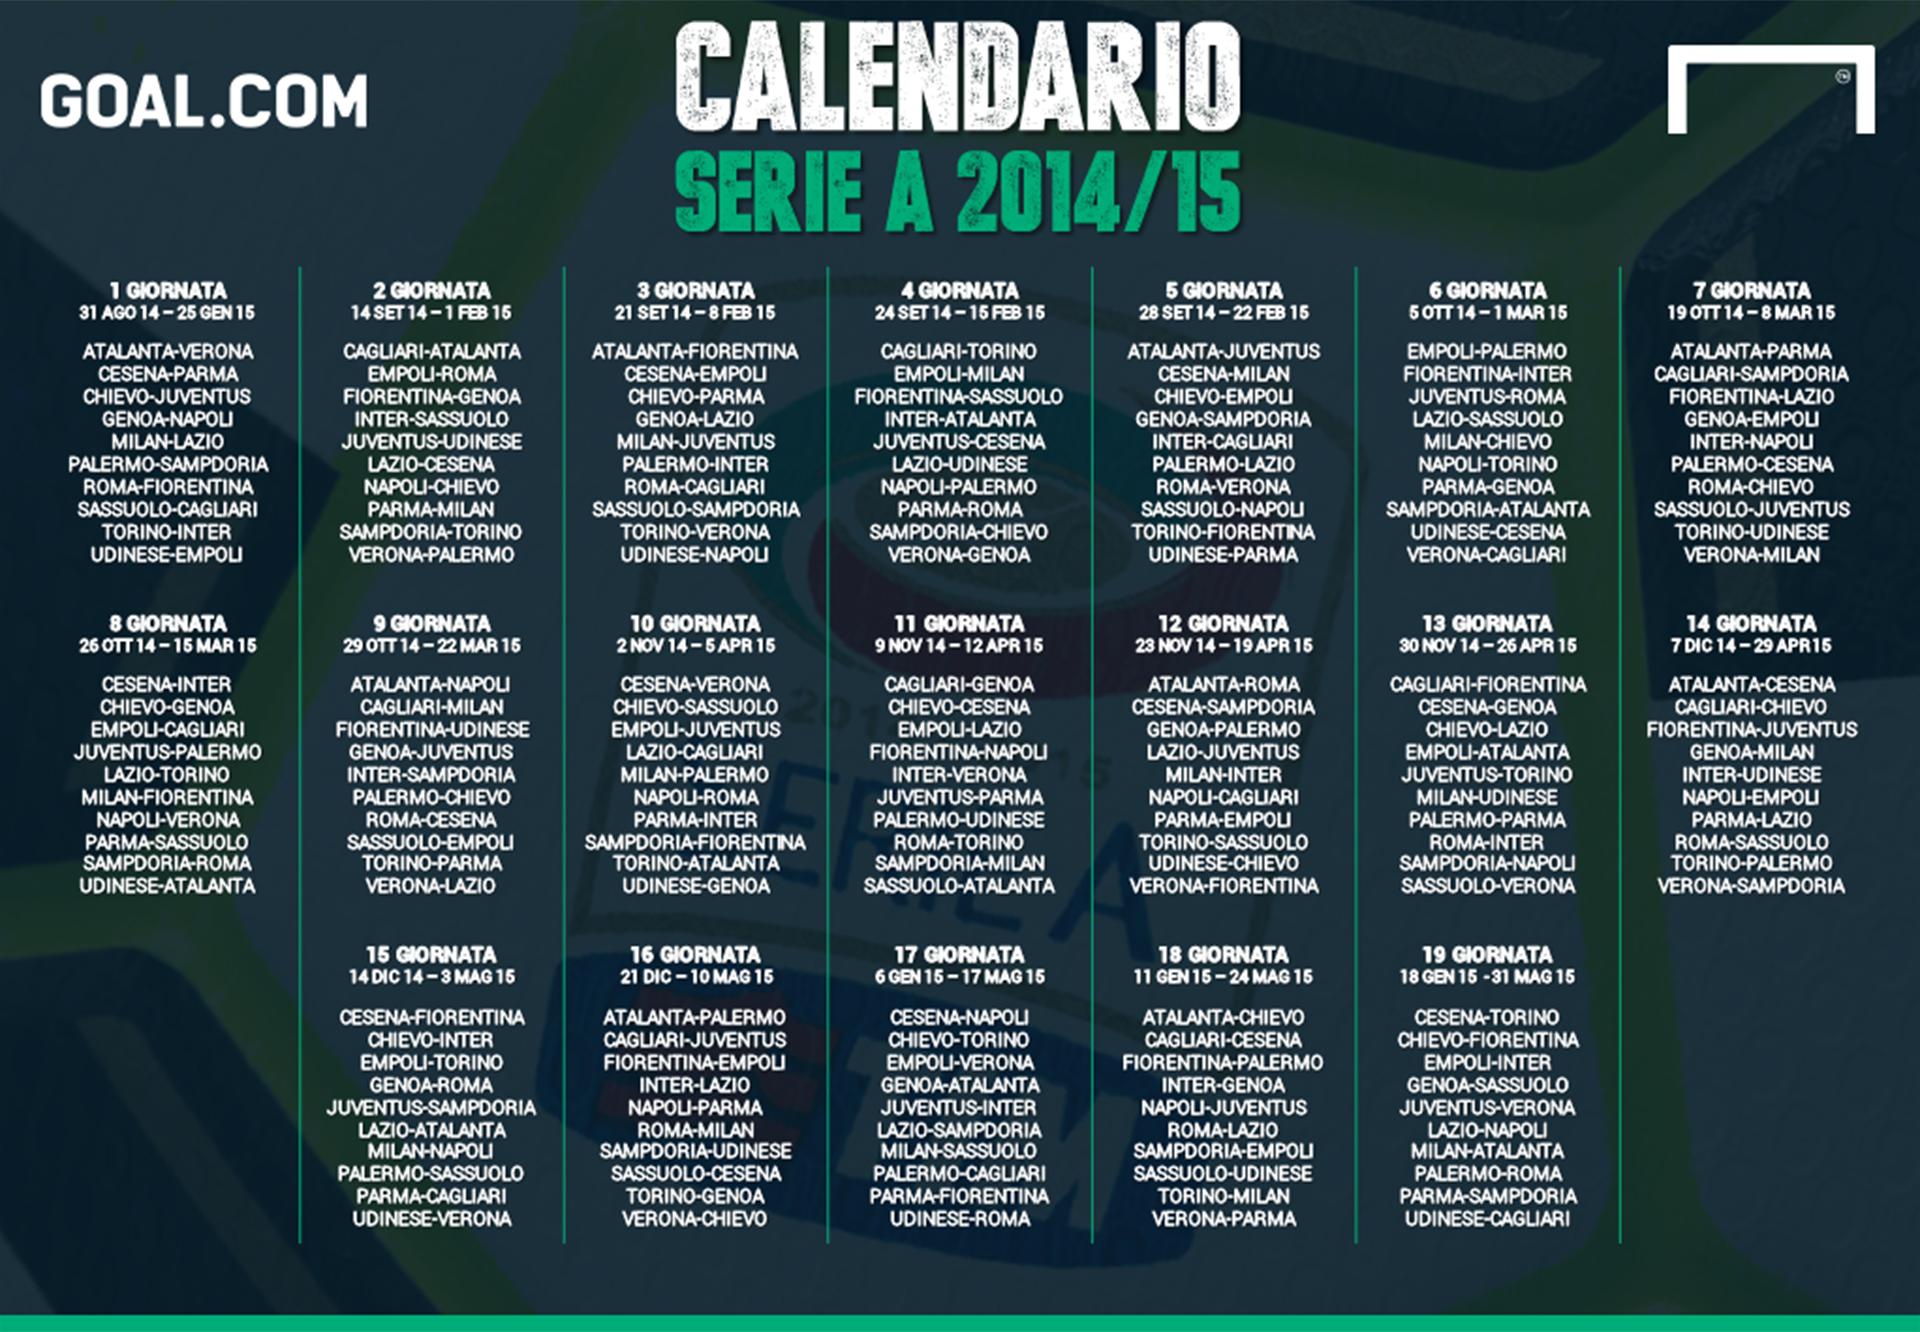 Juventus Calendario Serie A.Calendario Serie A 2014 2015 Goal Com